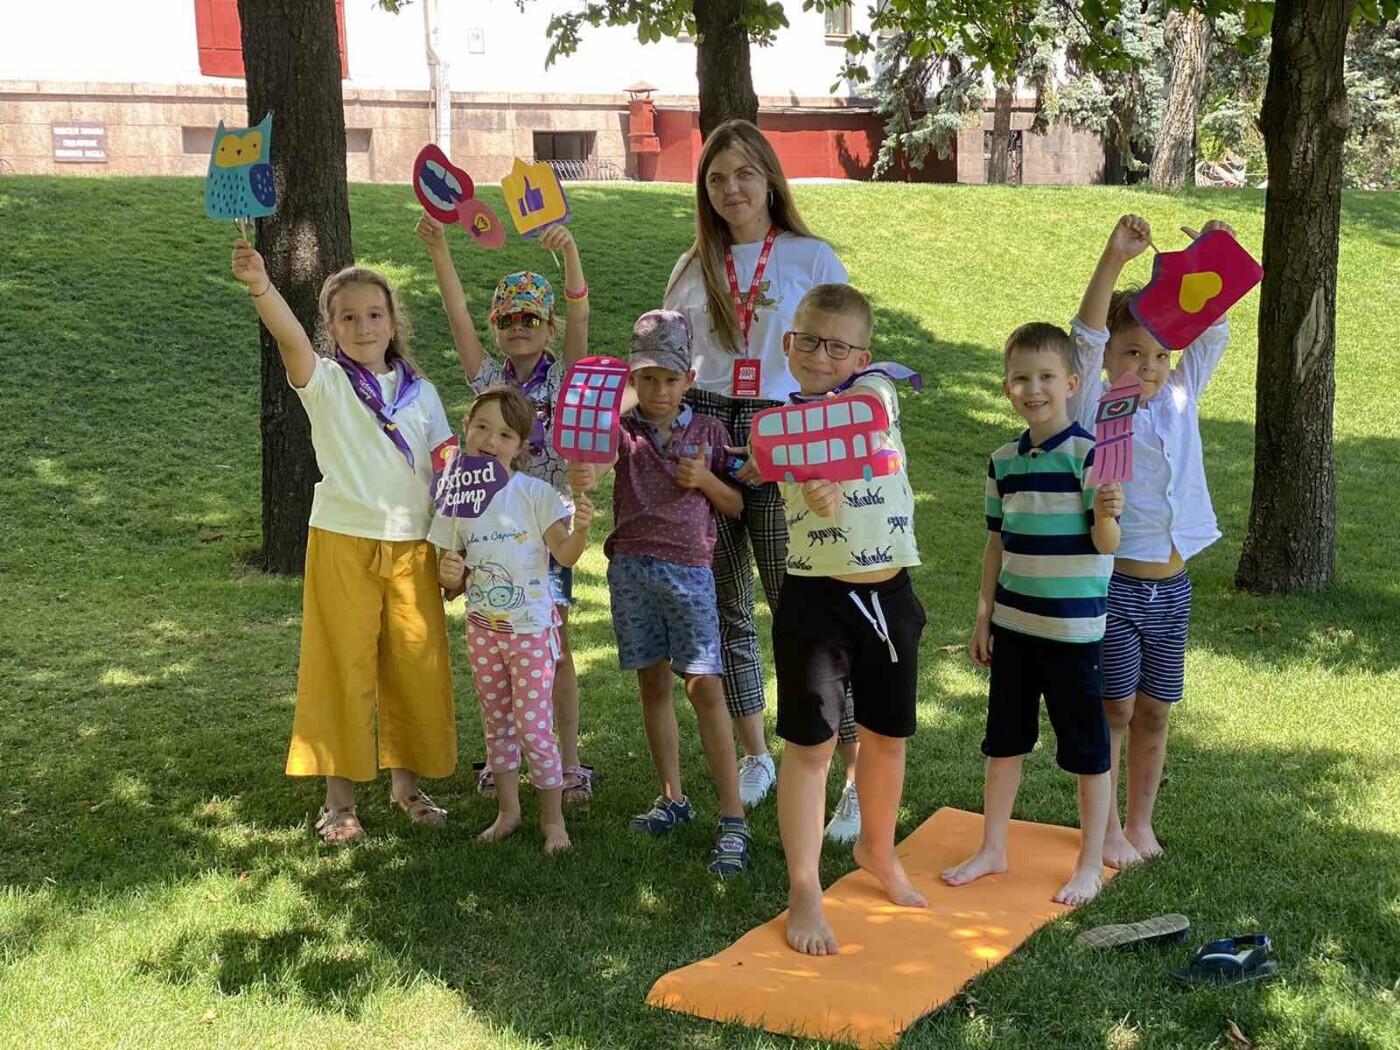 Незабываемые английские каникулы для детей 6-15 лет! (*Акция до 20 мая 2021 г.), фото-16